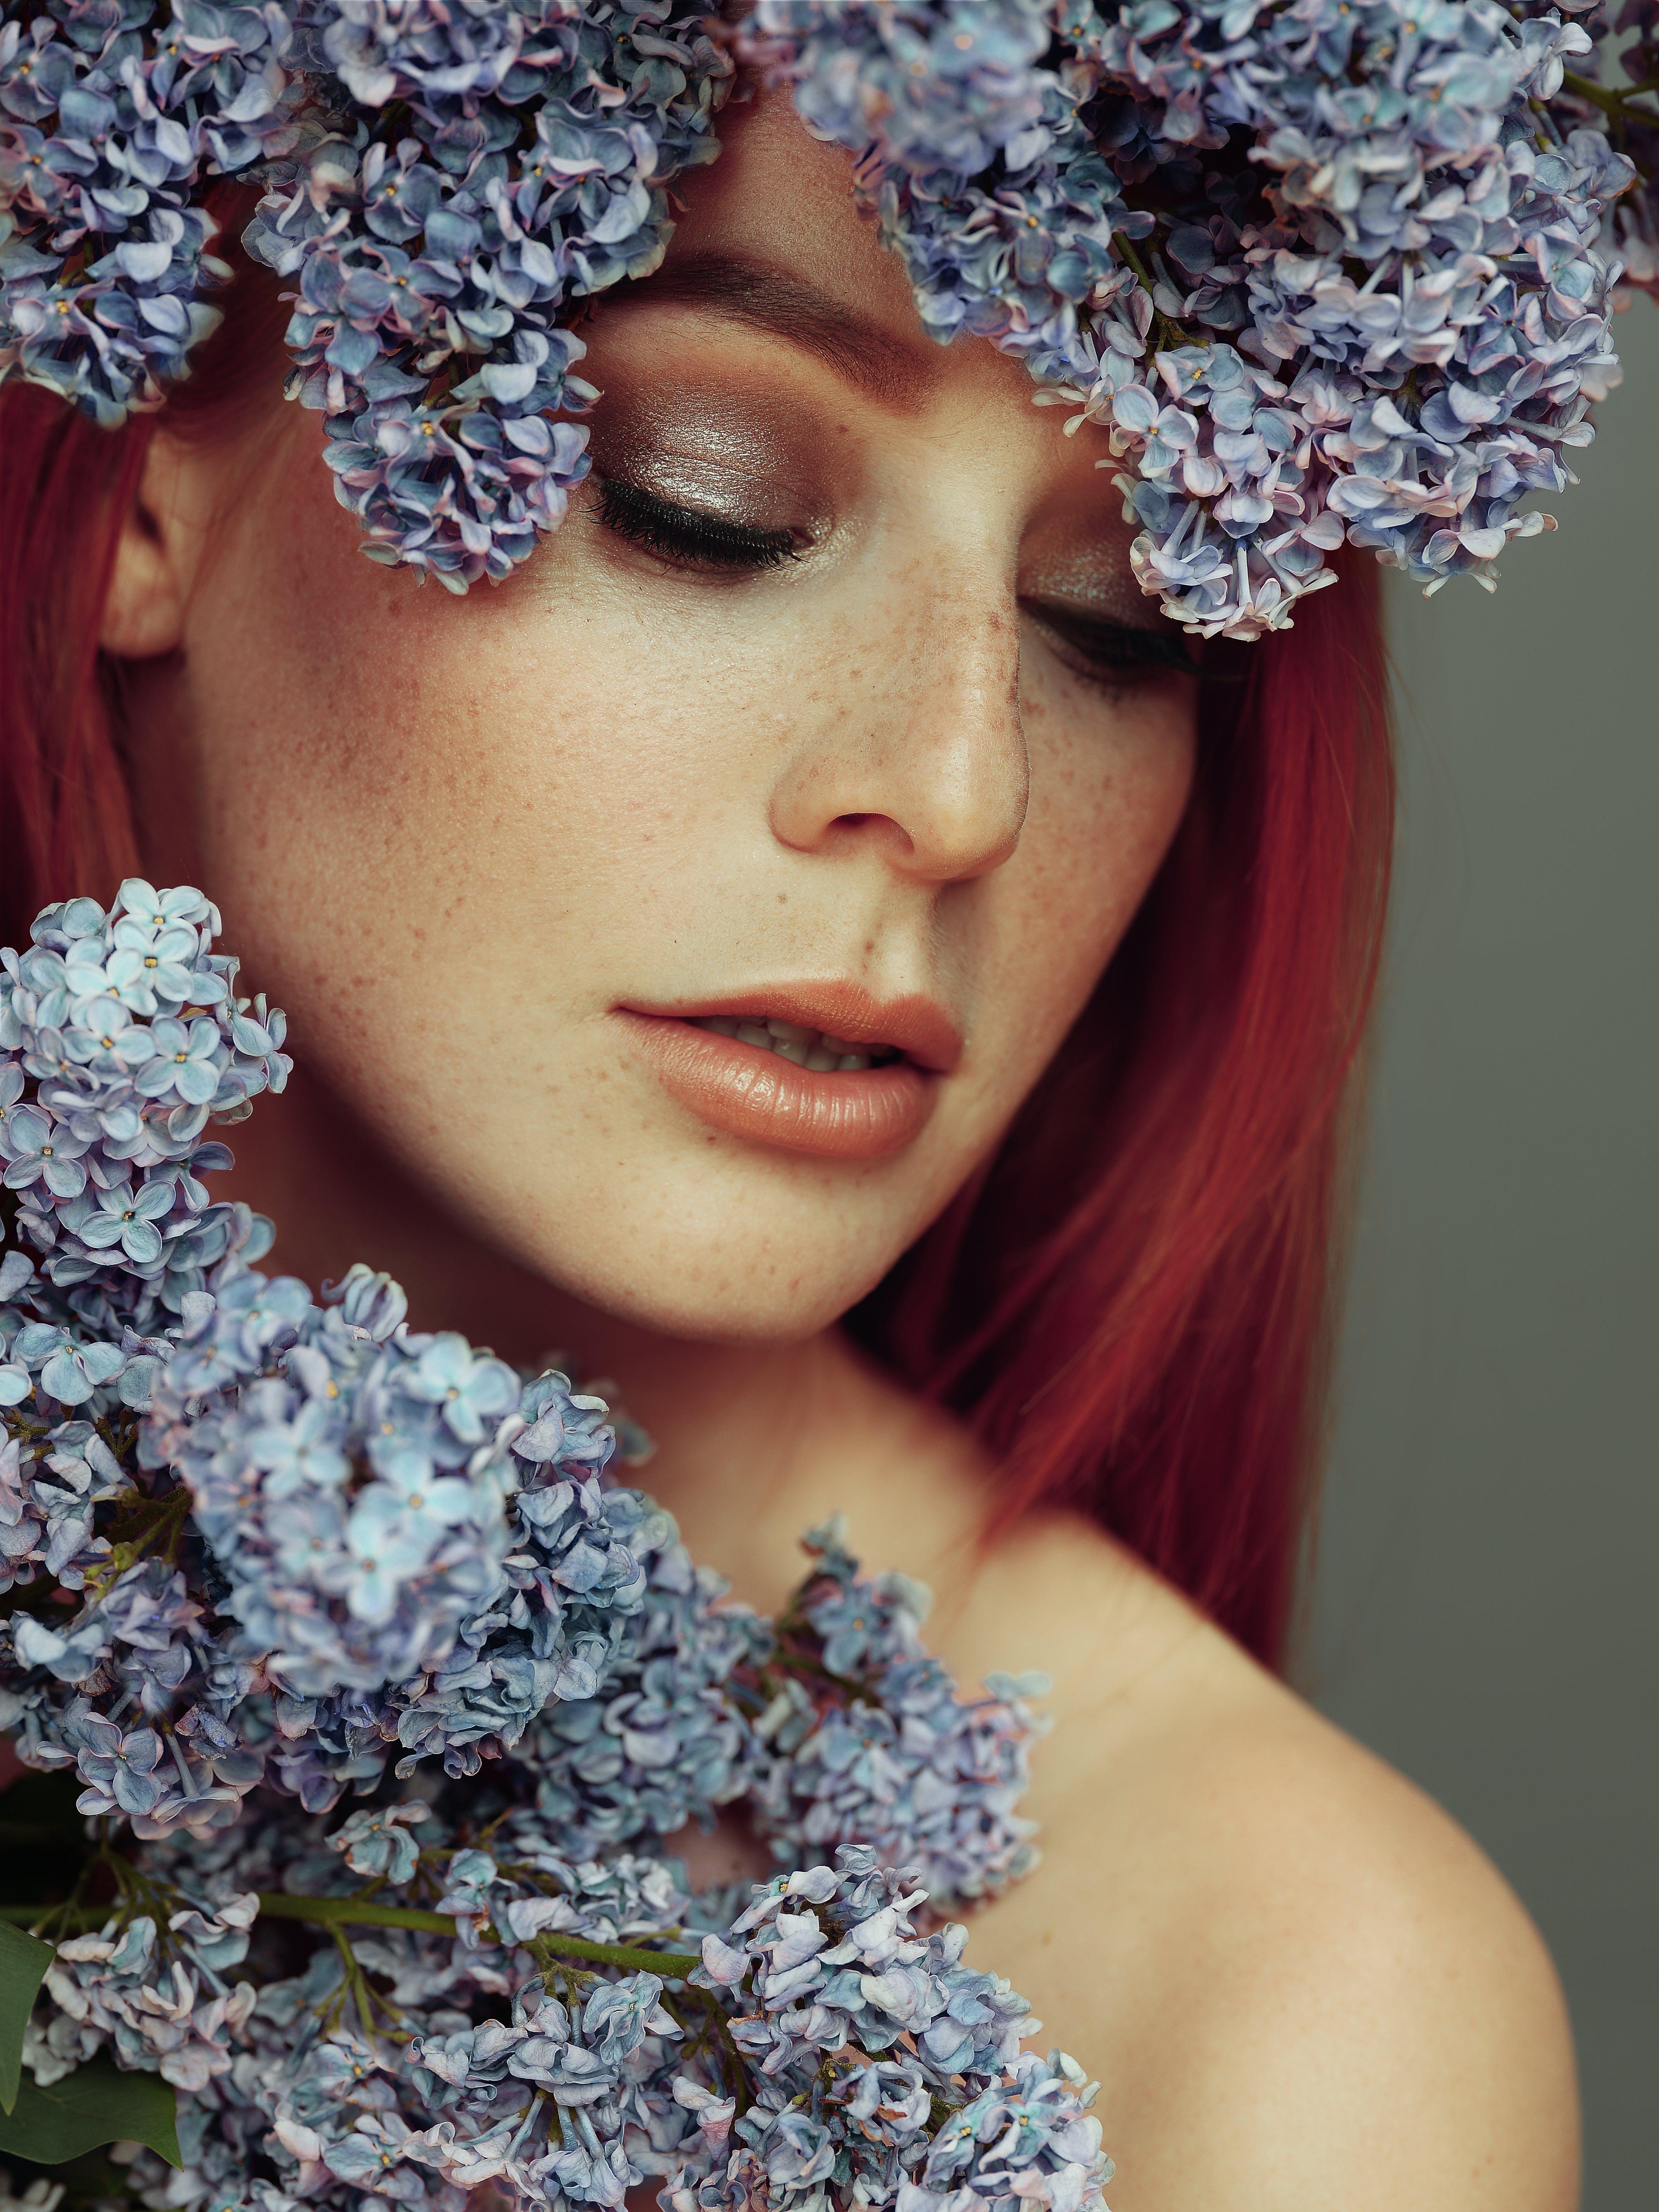 光鮮亮麗, 女人, 模特兒, 漂亮 的 免費圖庫相片